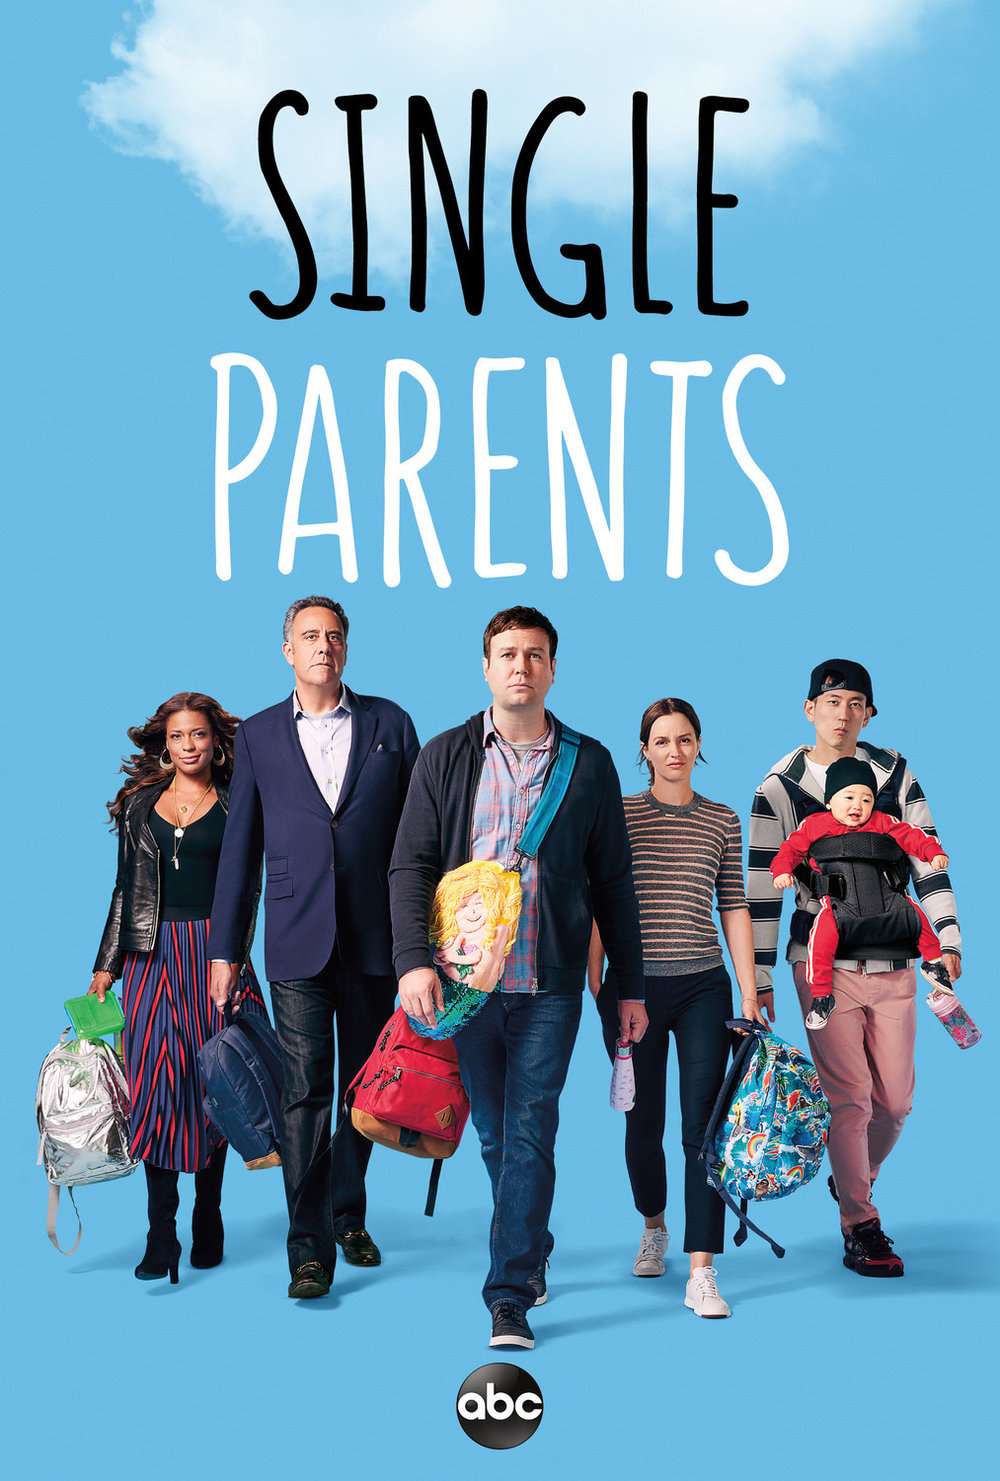 Single Parents - on ABC